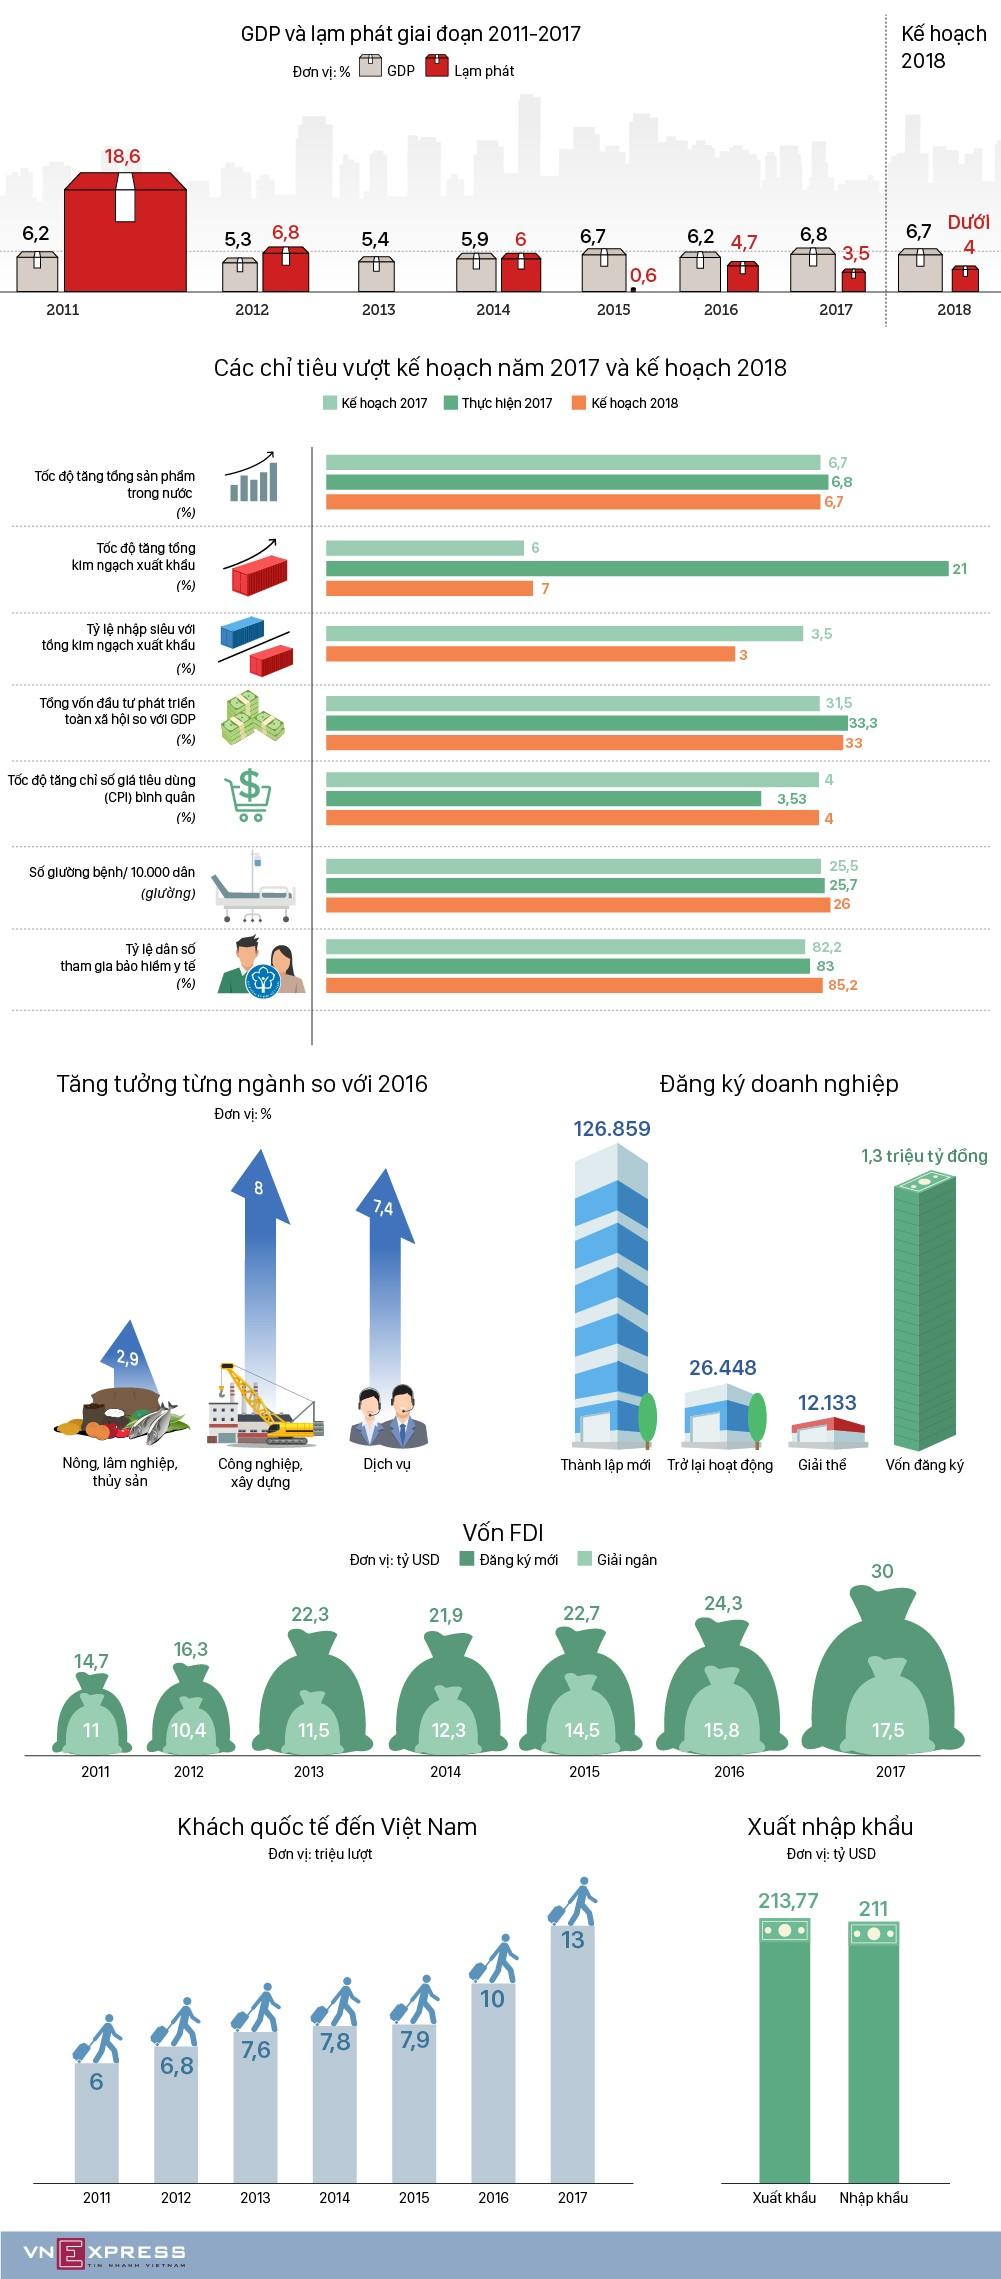 Toàn cảnh kinh tế Việt Nam 2017 - ảnh 1